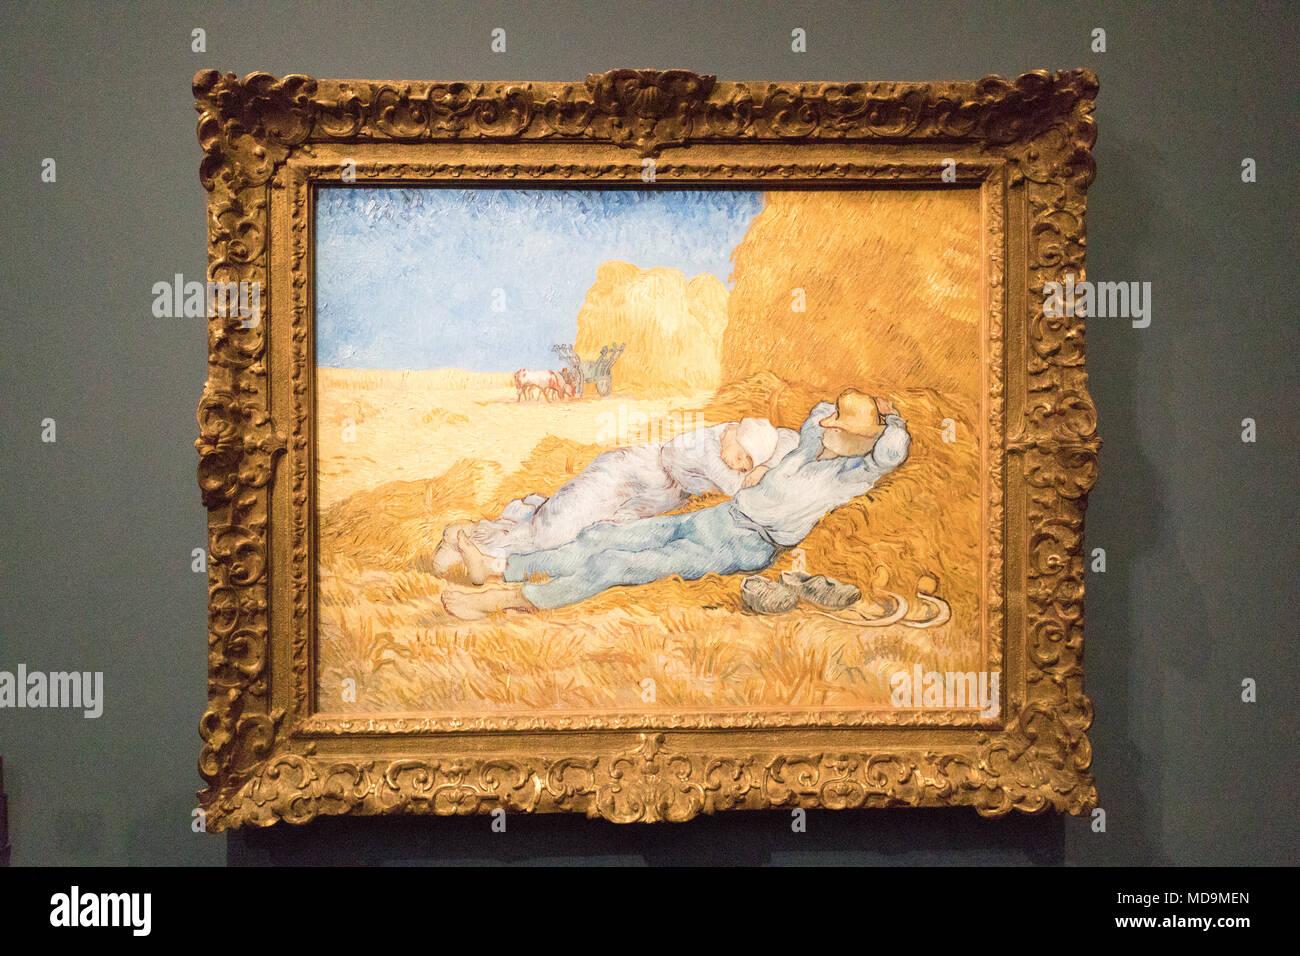 Paris, France. Feb 2018. Musee du Louvre, Louvre Museum. Musee D'Orsay. Tour Eiffel. Arc de Triomphe. Van Gogh. Gioconda. Art and culture. - Stock Image